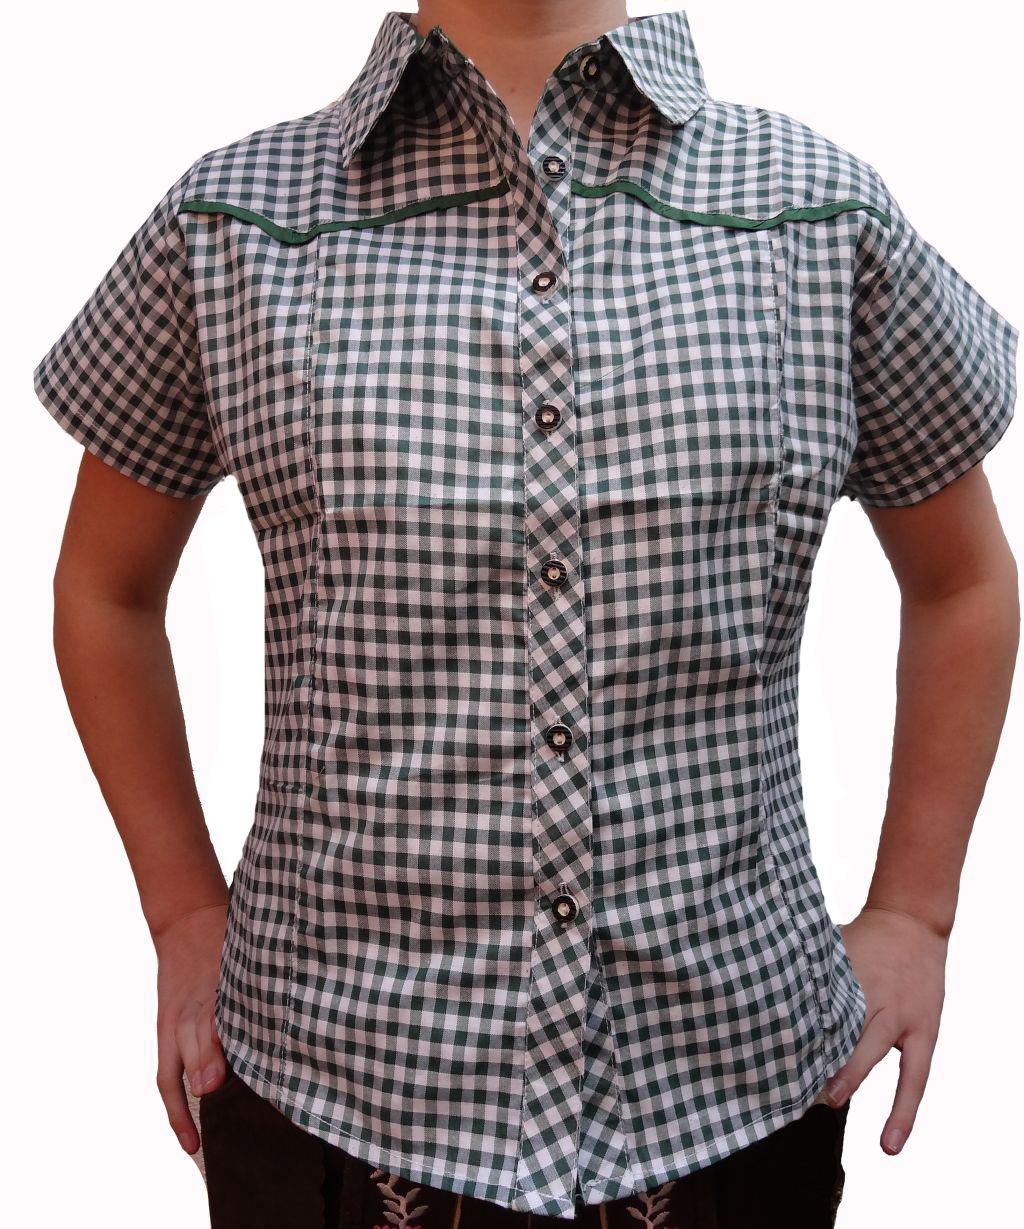 Damen Trachtenbluse Trachten Hemd Dirndl Lederhose grün-weiss 36 38 40 42 44